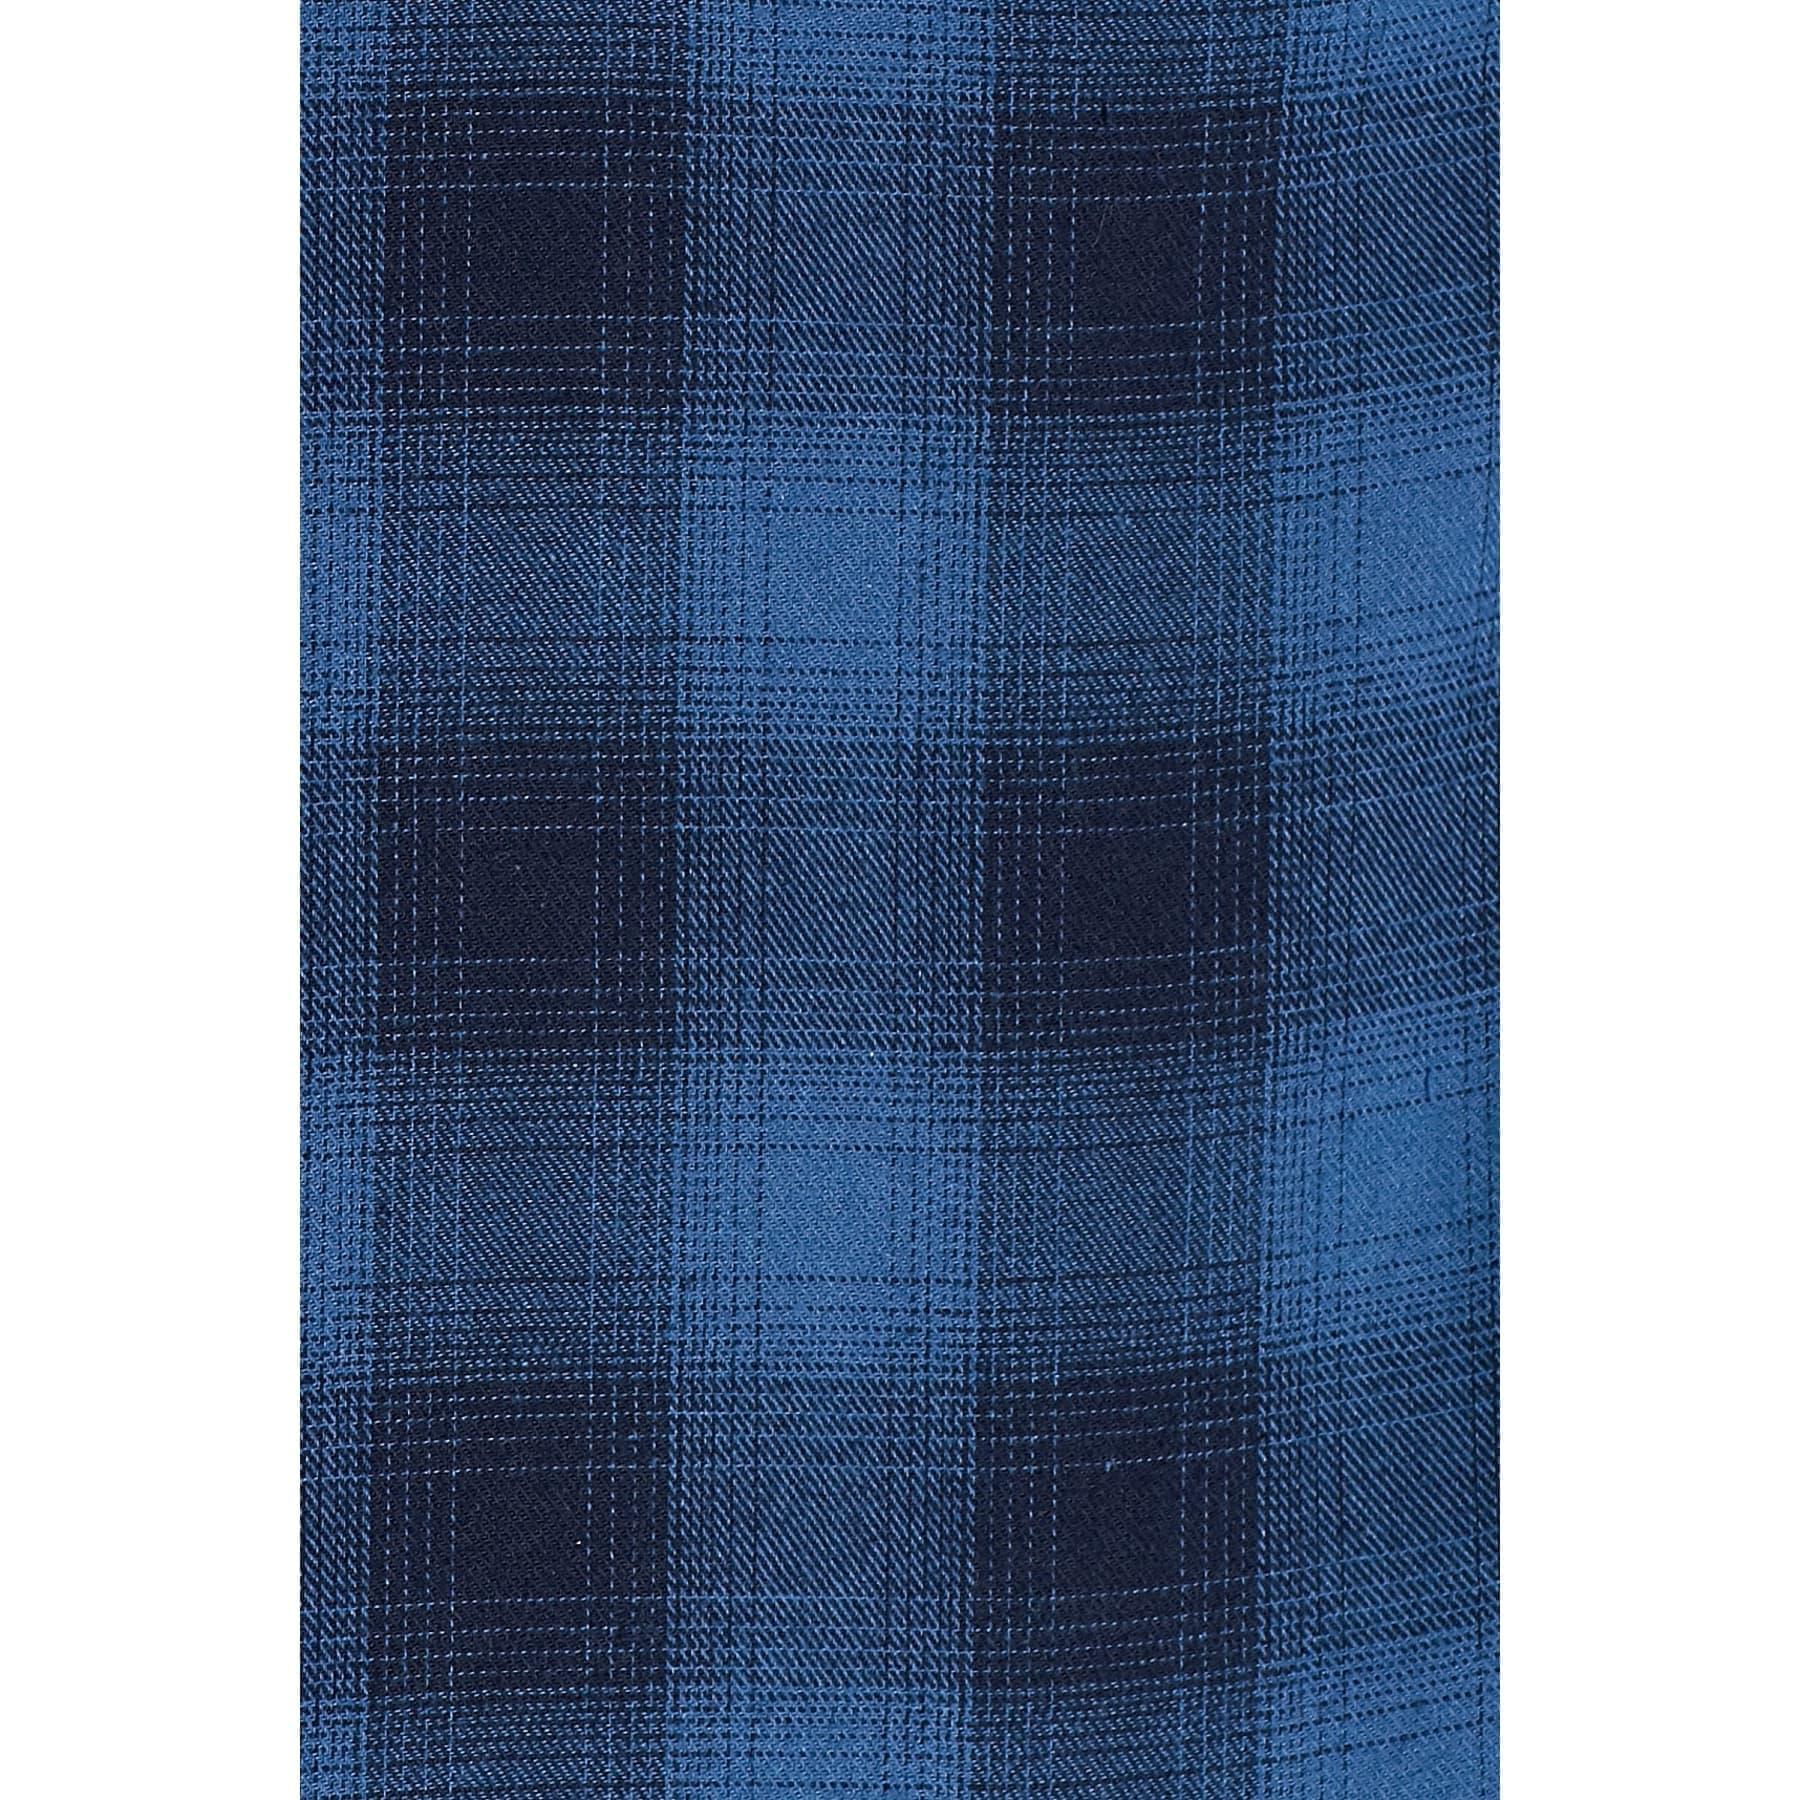 Kareli Gömlek Soluk Saks Mavi